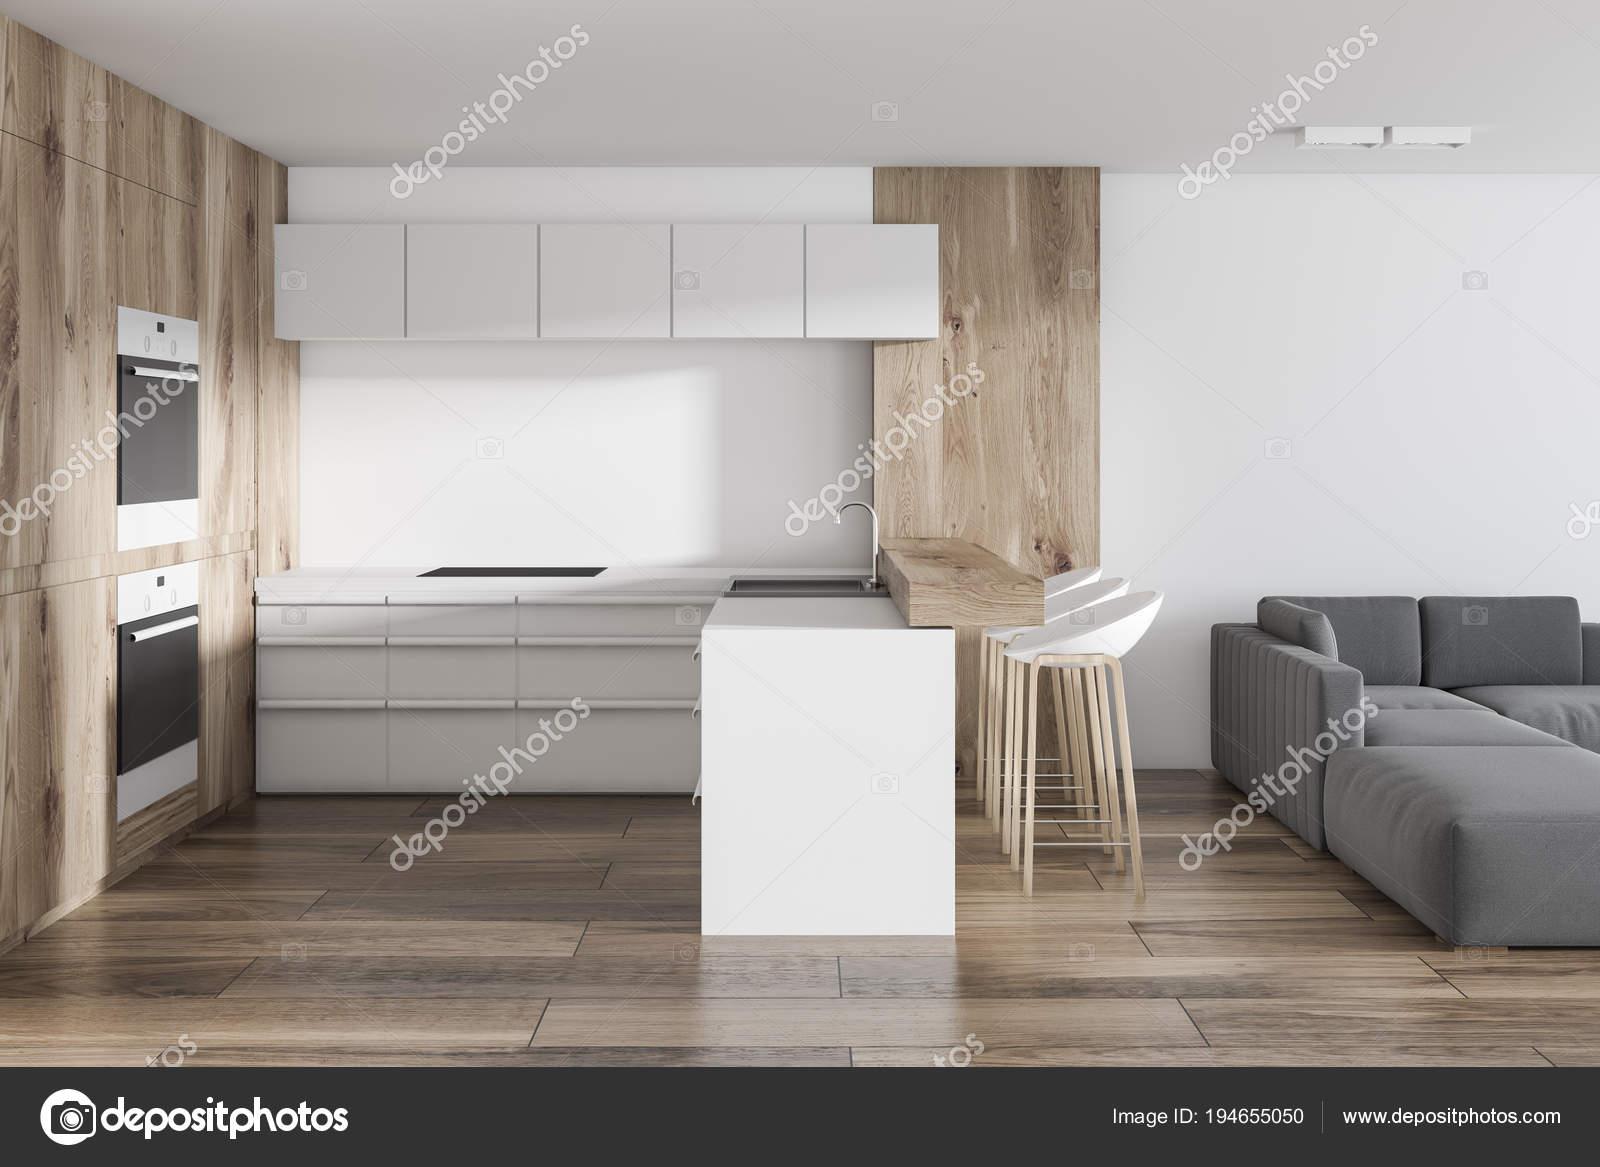 белая кухня в однокомнатной квартире гостиная стоковое фото